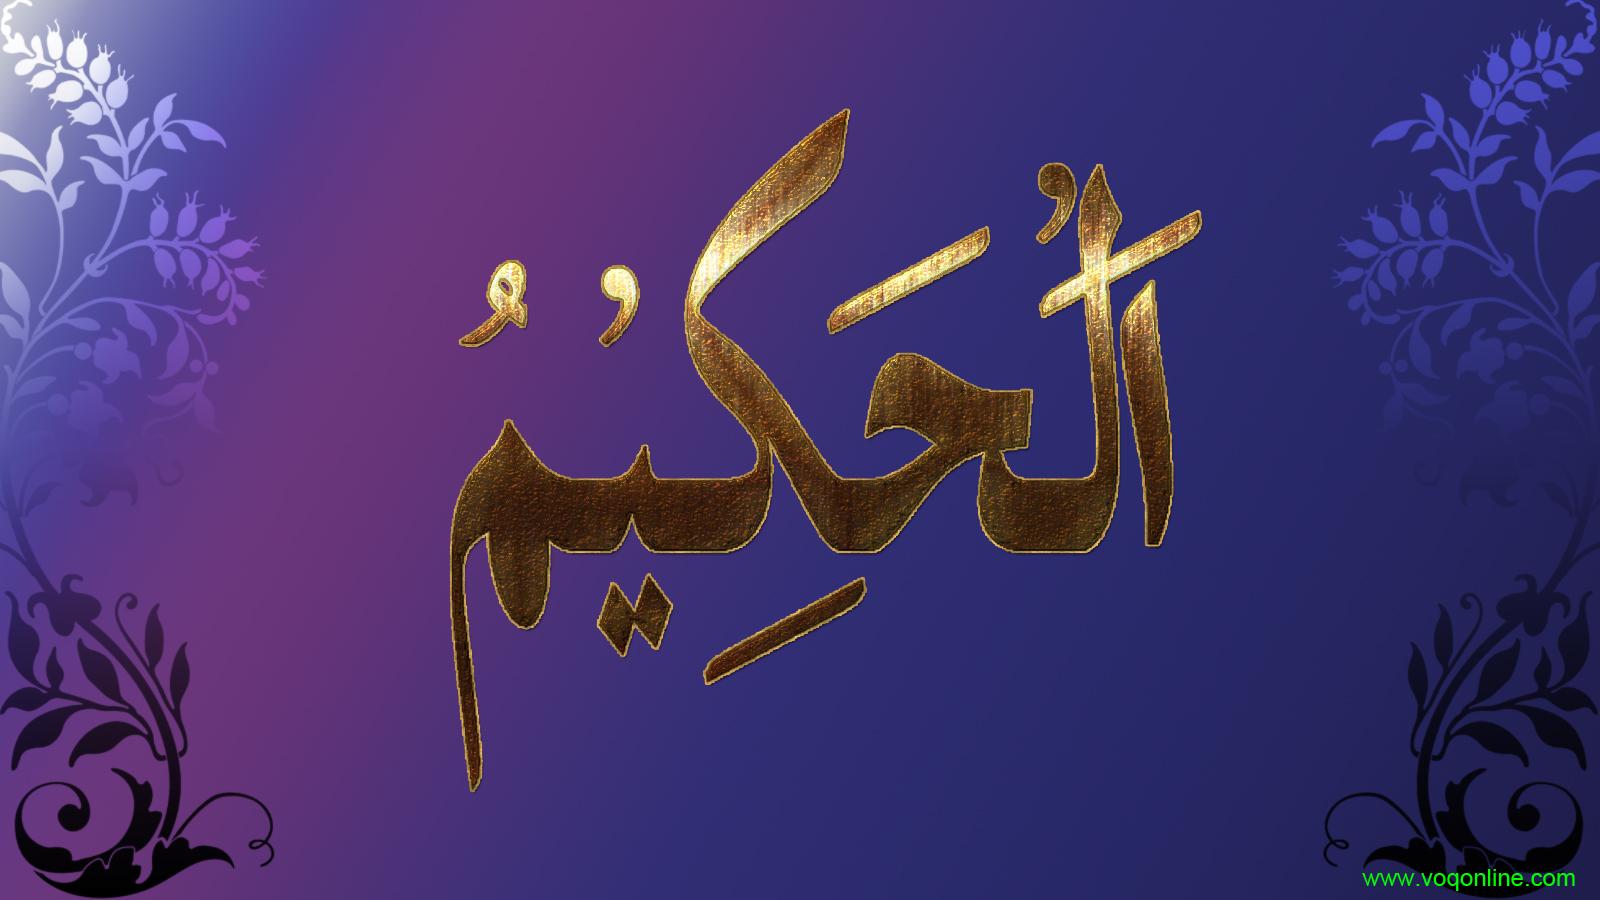 все имена аллаха на арабском в одной картинке